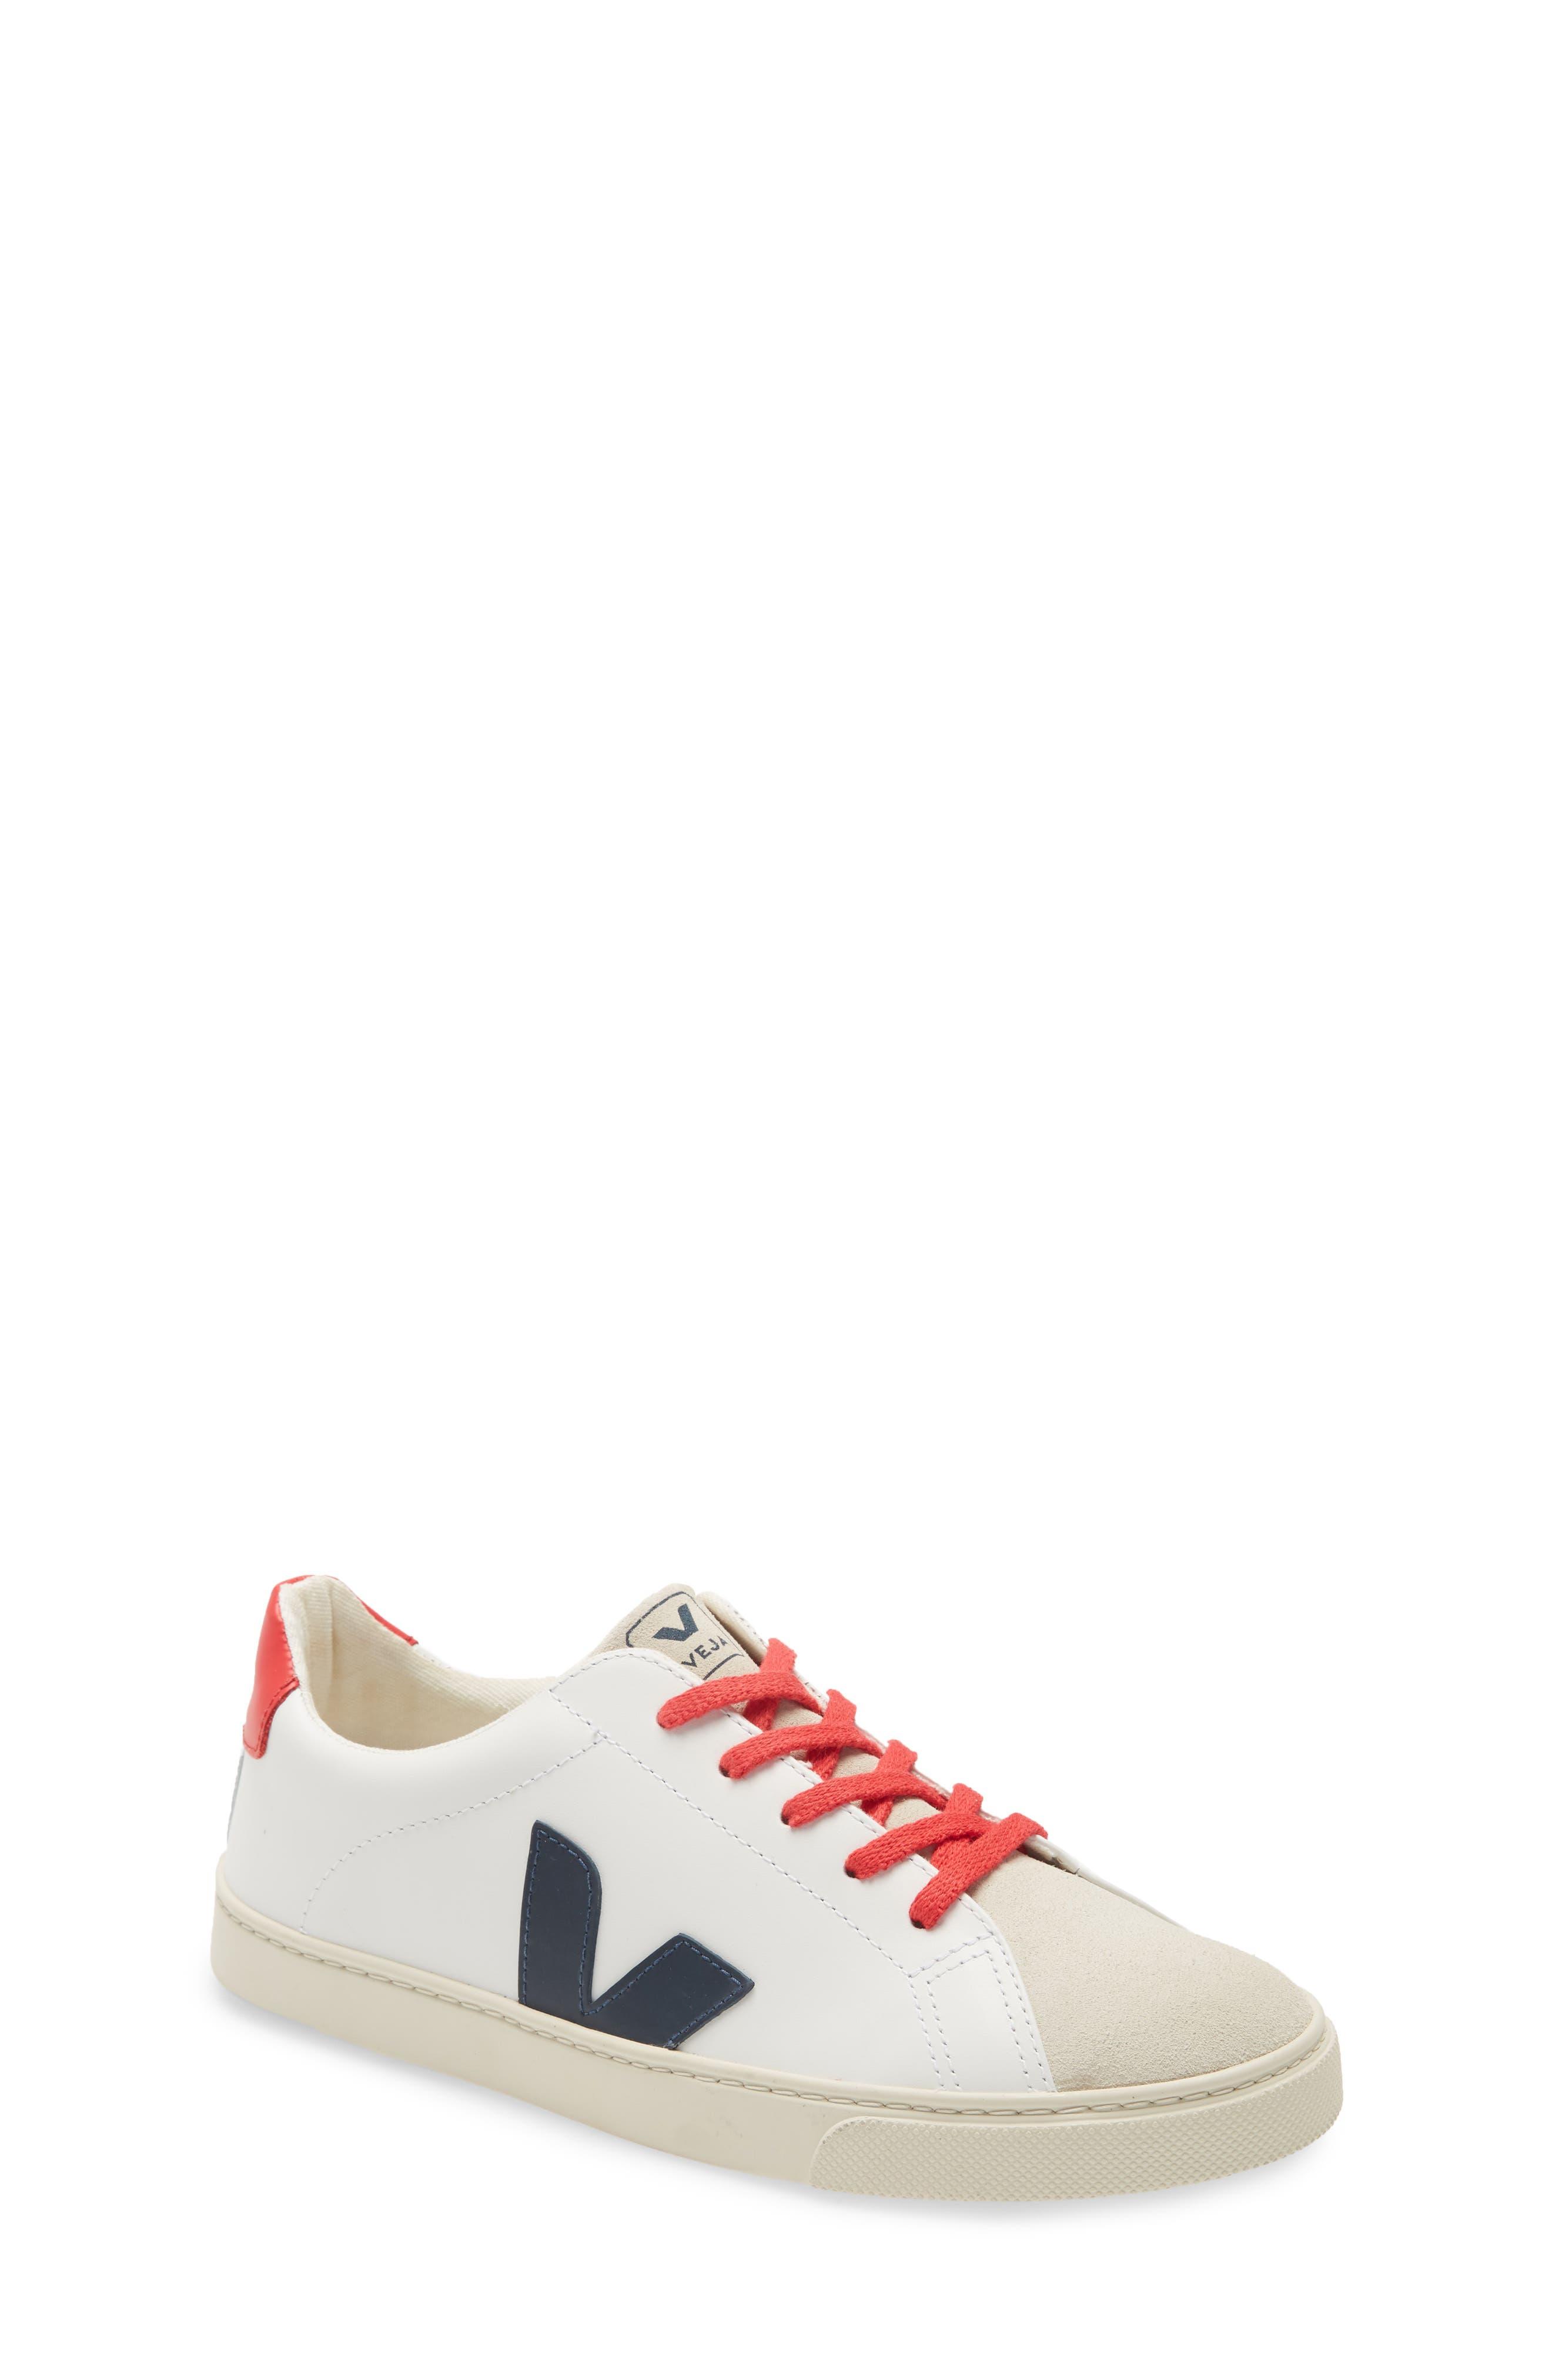 Kids' Veja Shoes | Nordstrom